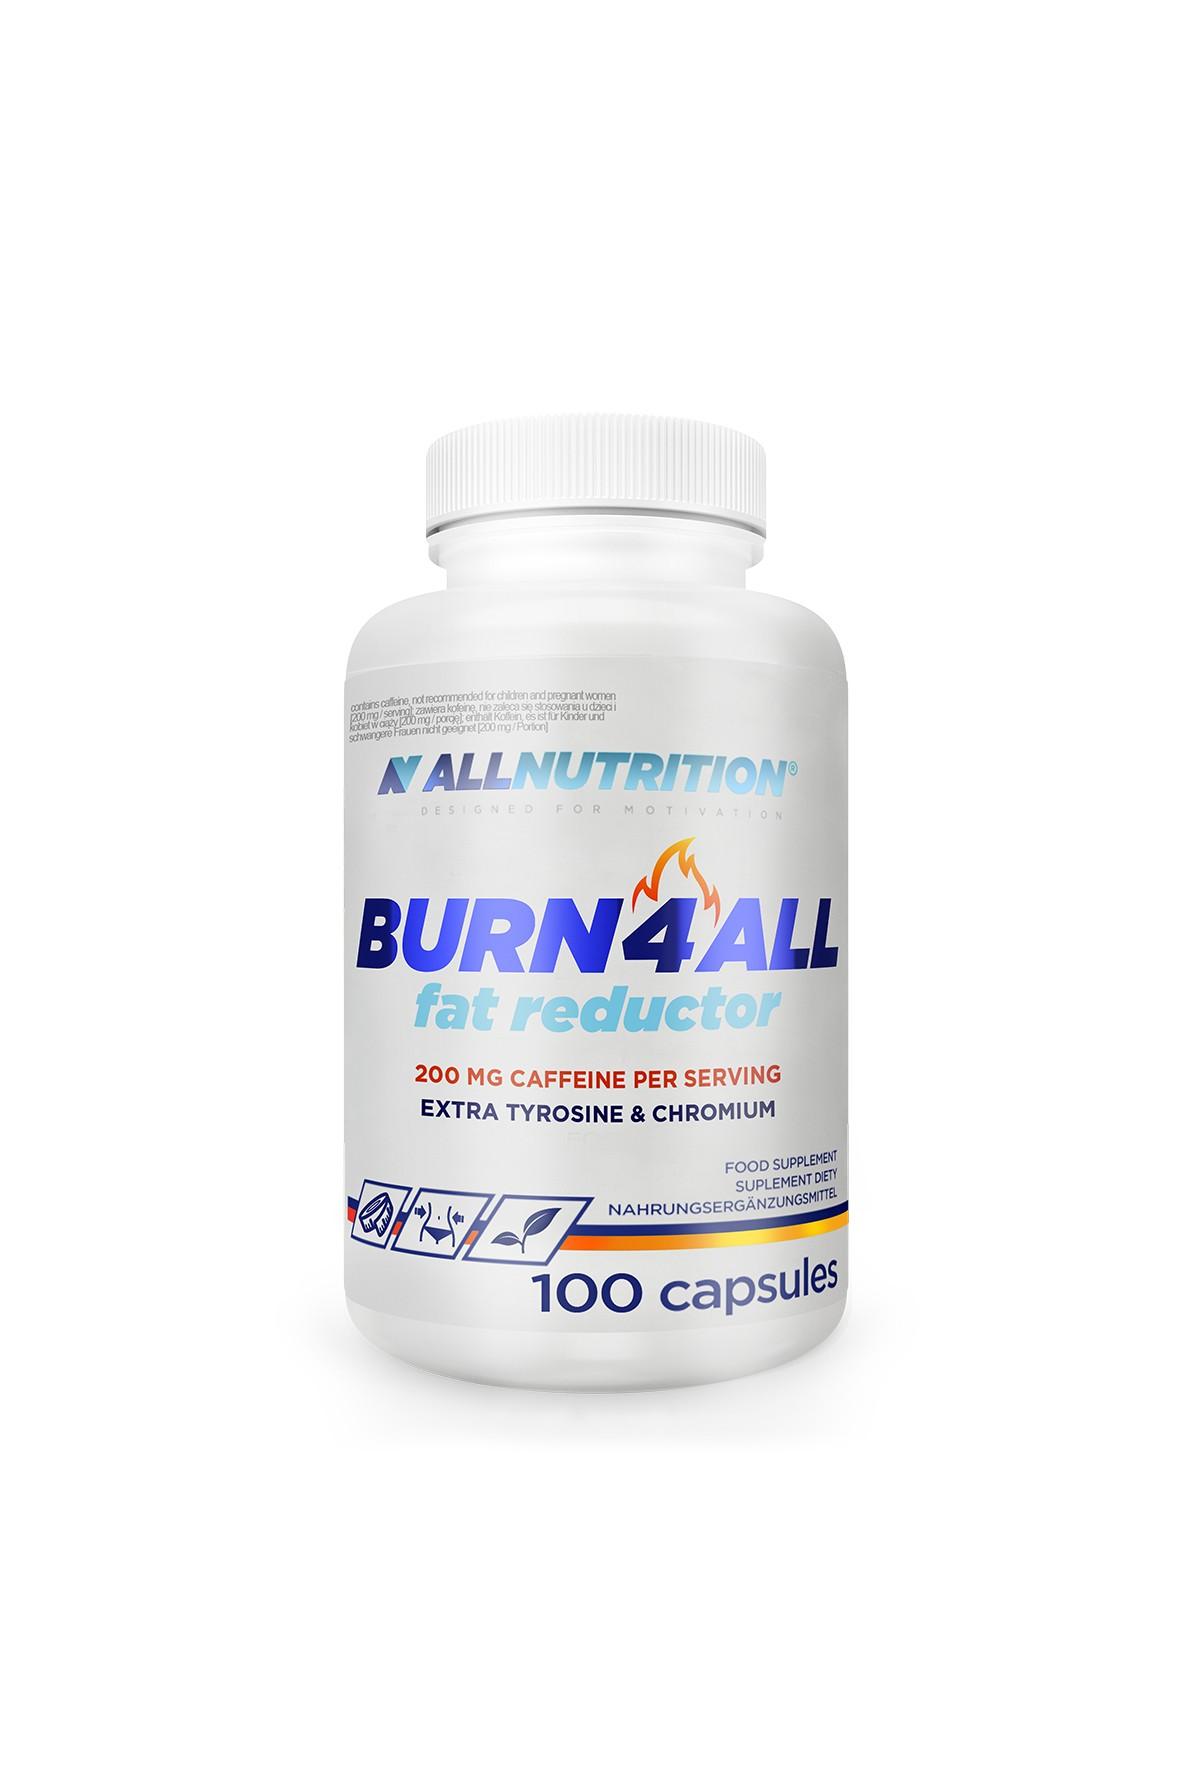 Suplementy diety - Allnutrition Burn4all Reductor - Spalacz tłuszczu - 100 kapsułek